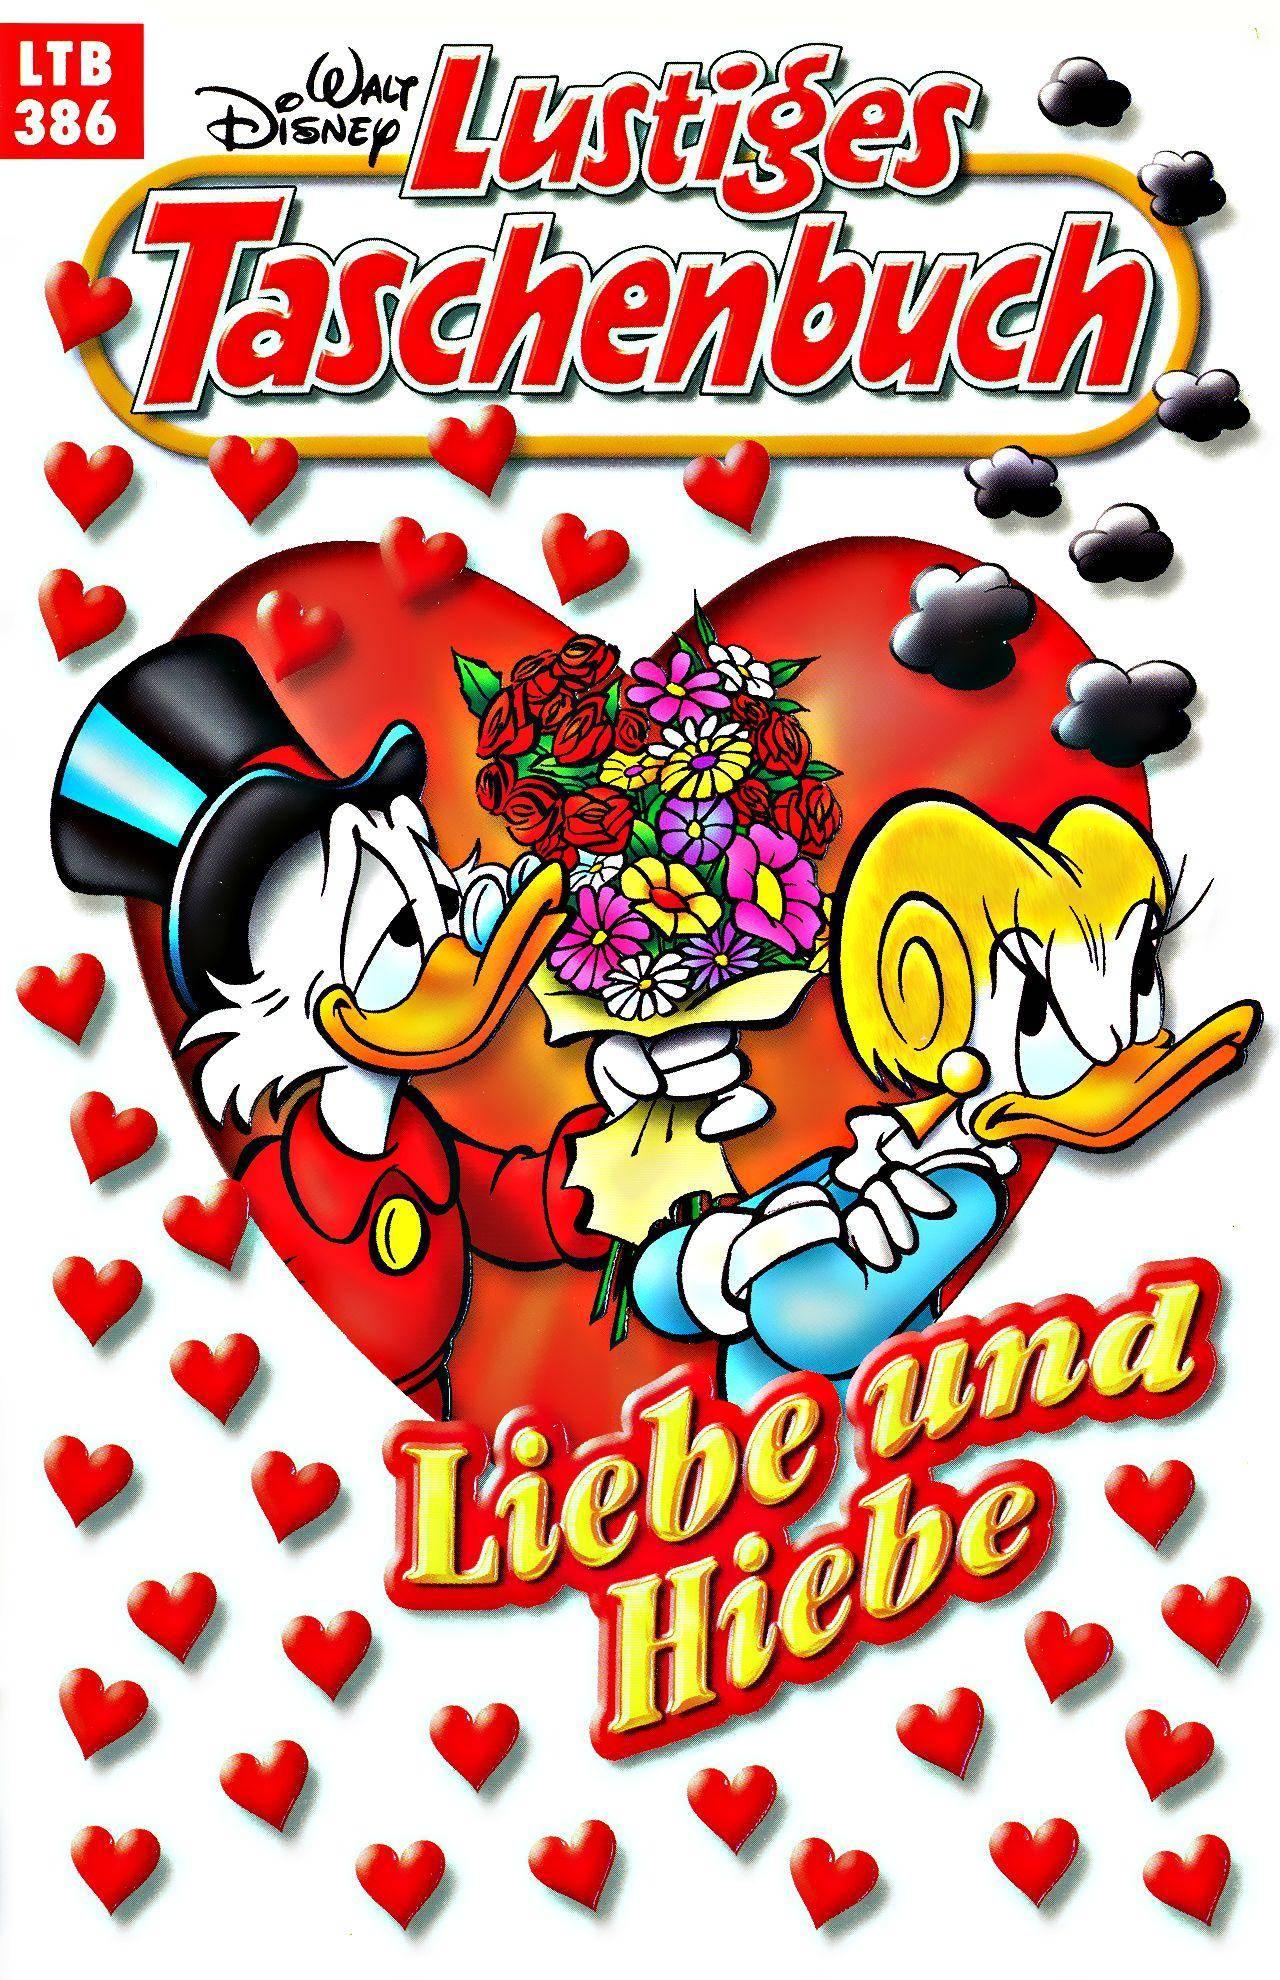 384478 - Description Lustiges Taschenbuch 001  479 - LTB 386 cbr - 79 60 GB